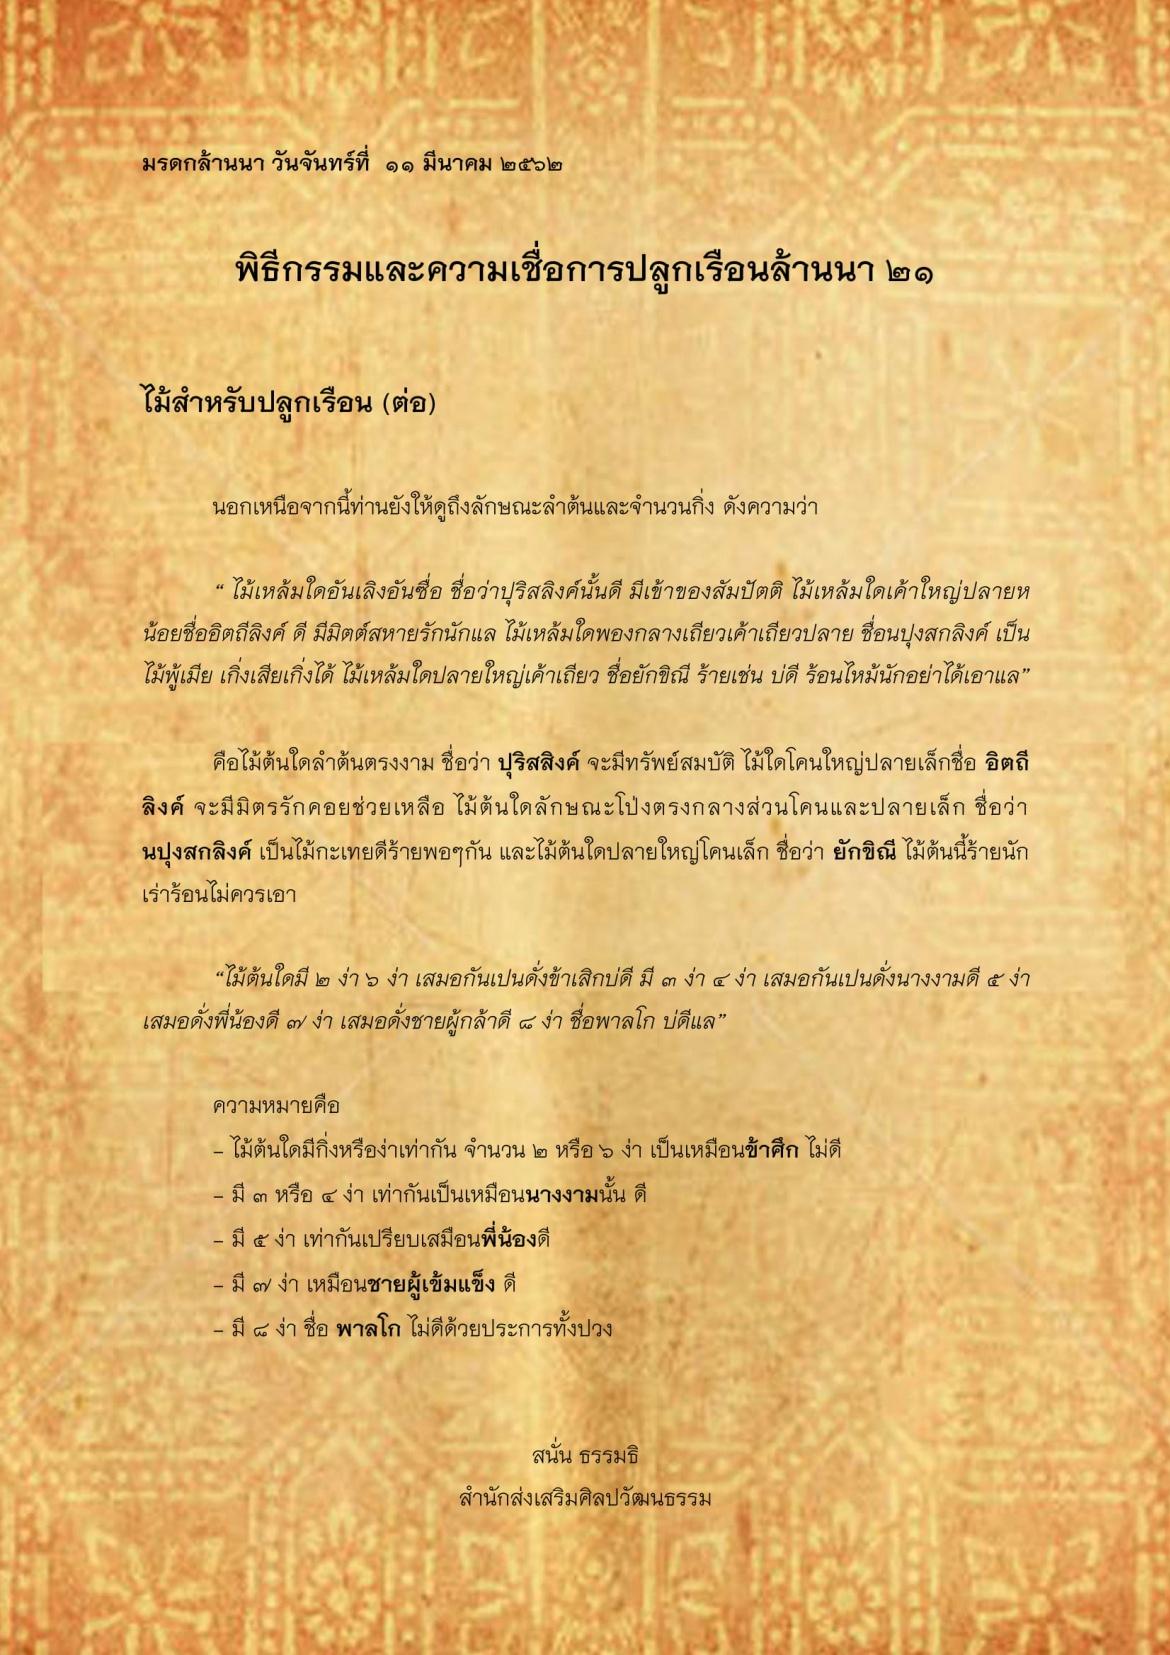 พิธีกรรมเเละความเชื่อการปลูกเรือนล้านนา(21) - 11 มีนาคม 2562